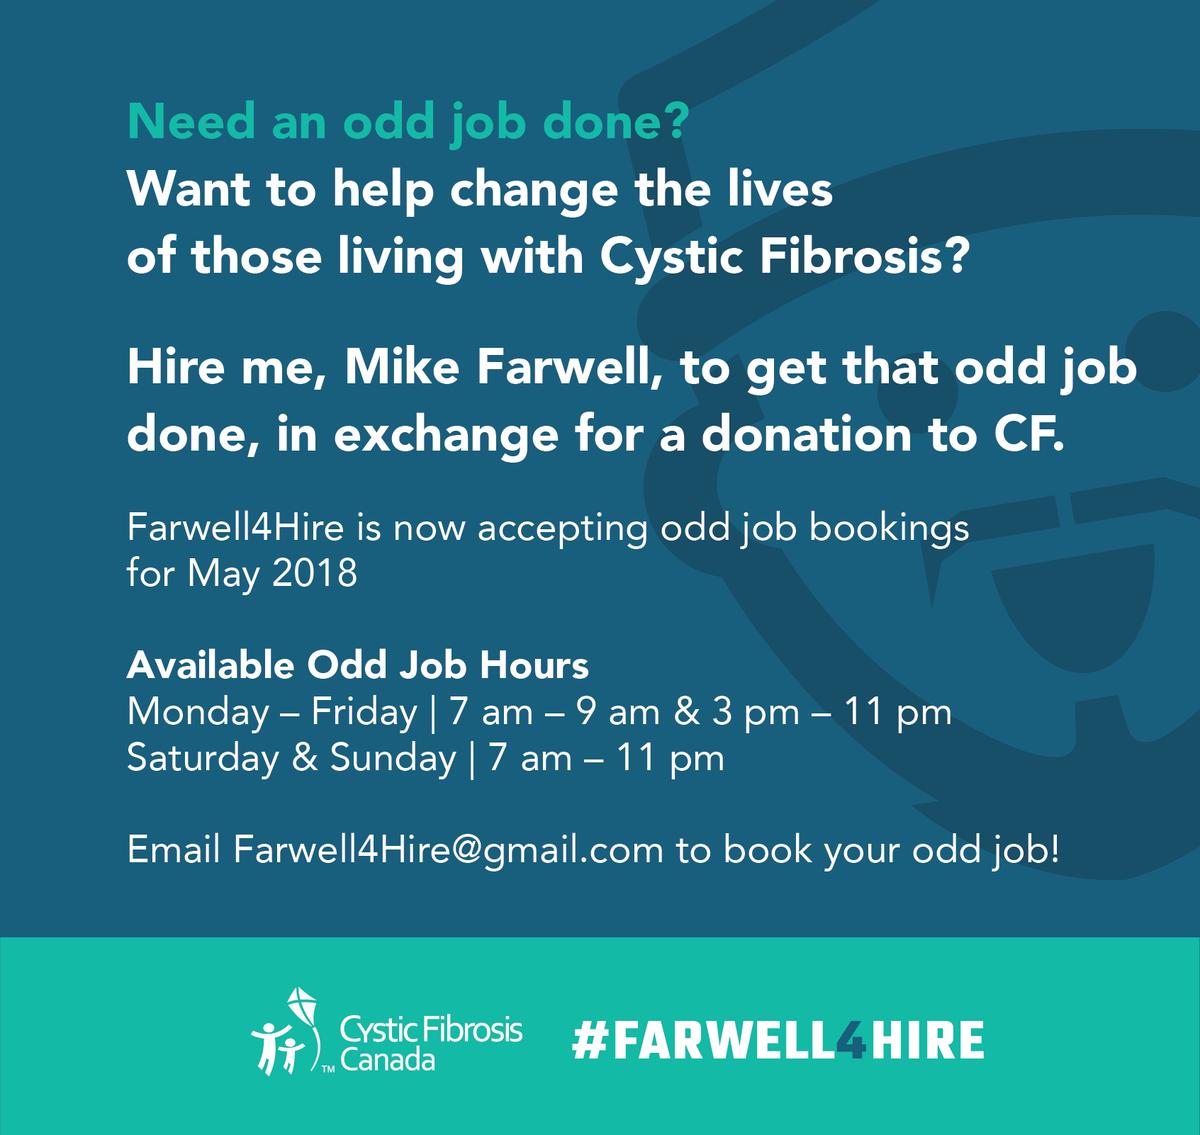 FarwellforHire - Twitter Search